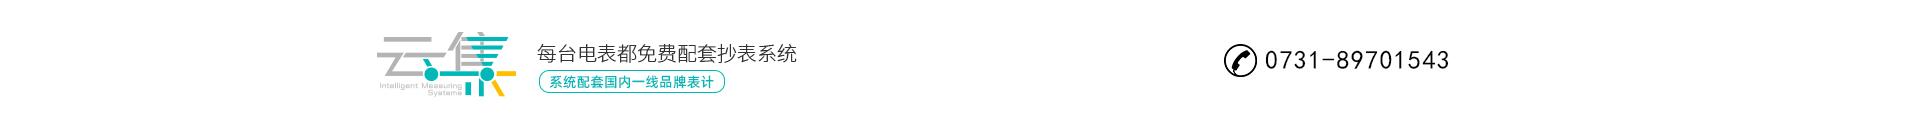 湖南雲集雲計算設備有限公司